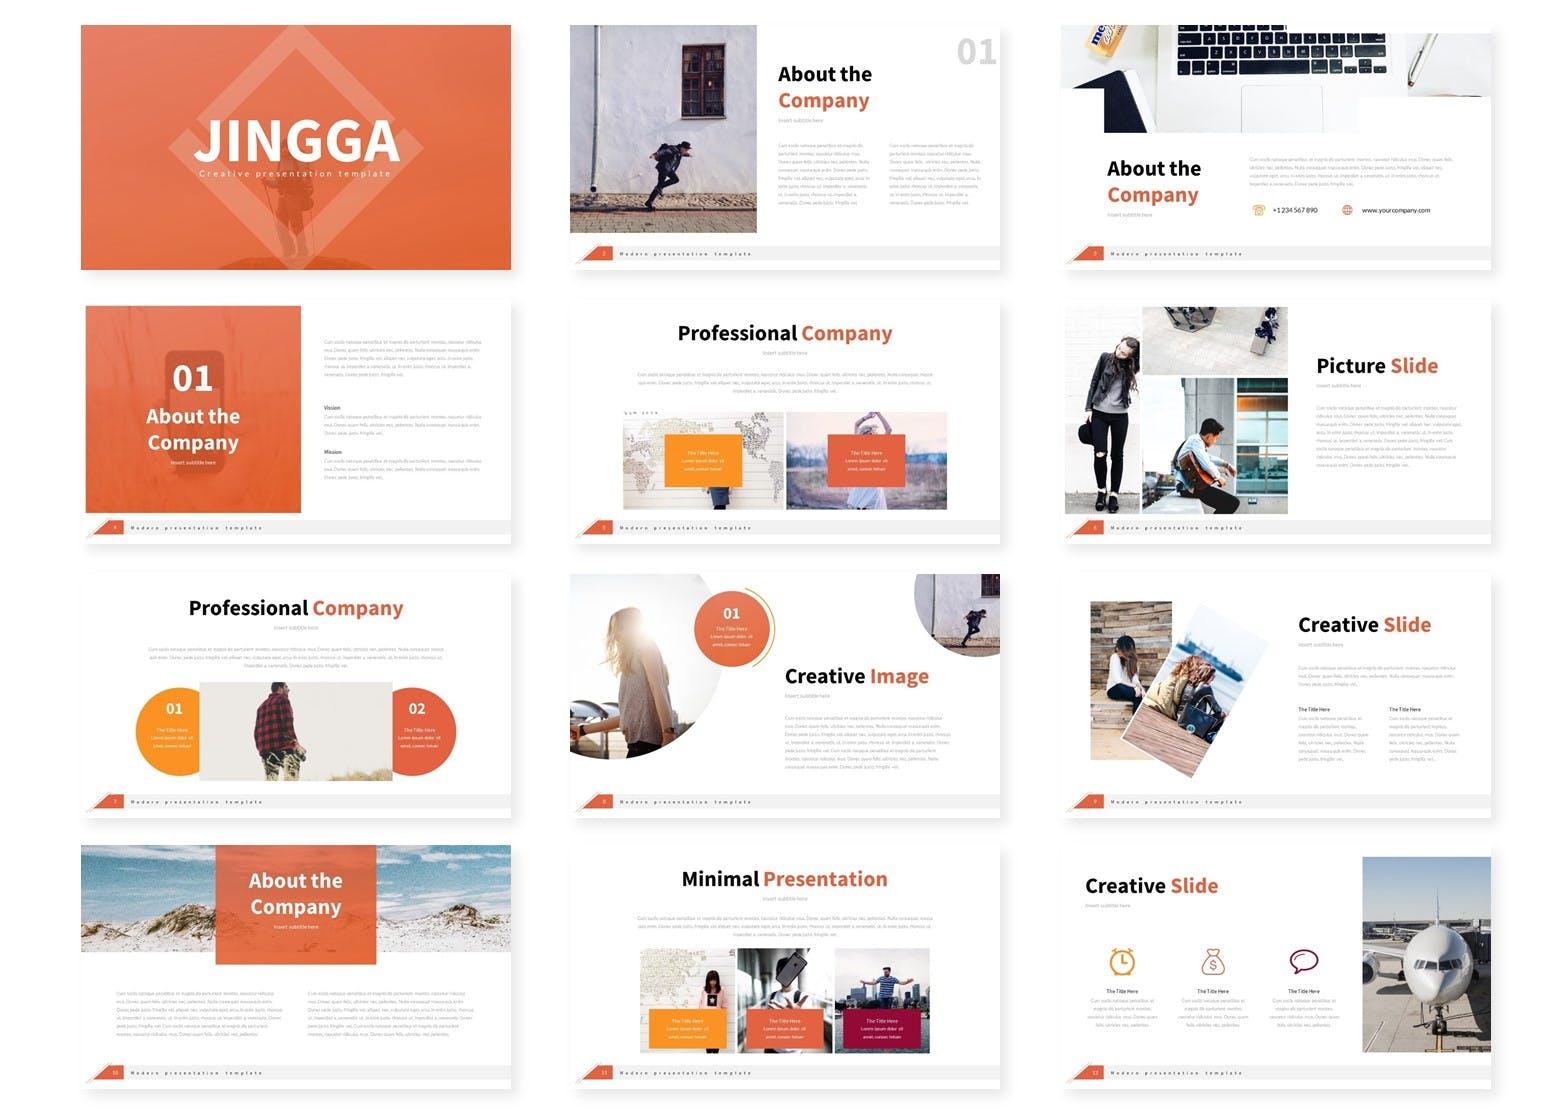 简约布局设计Powerpoint幻灯片模板 Jingga – Powerpoint Template设计素材模板